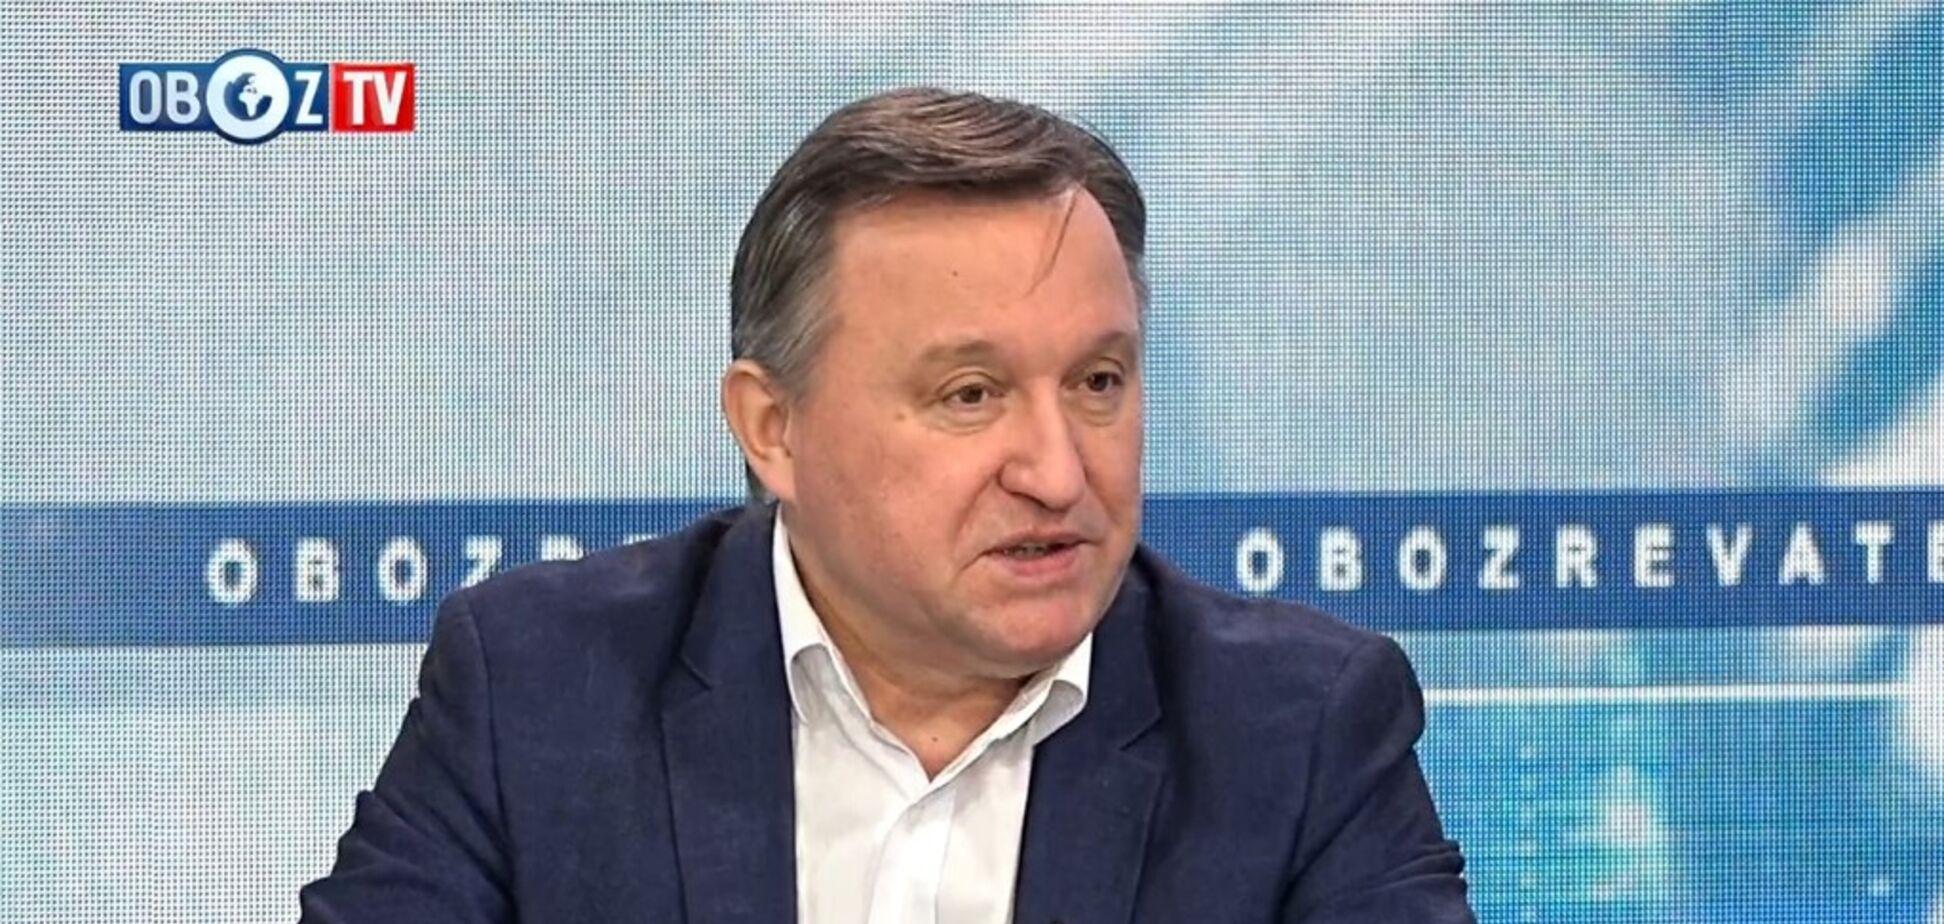 Пристайко назвал вещи своими именами: эксперт 'Украина-НАТО'